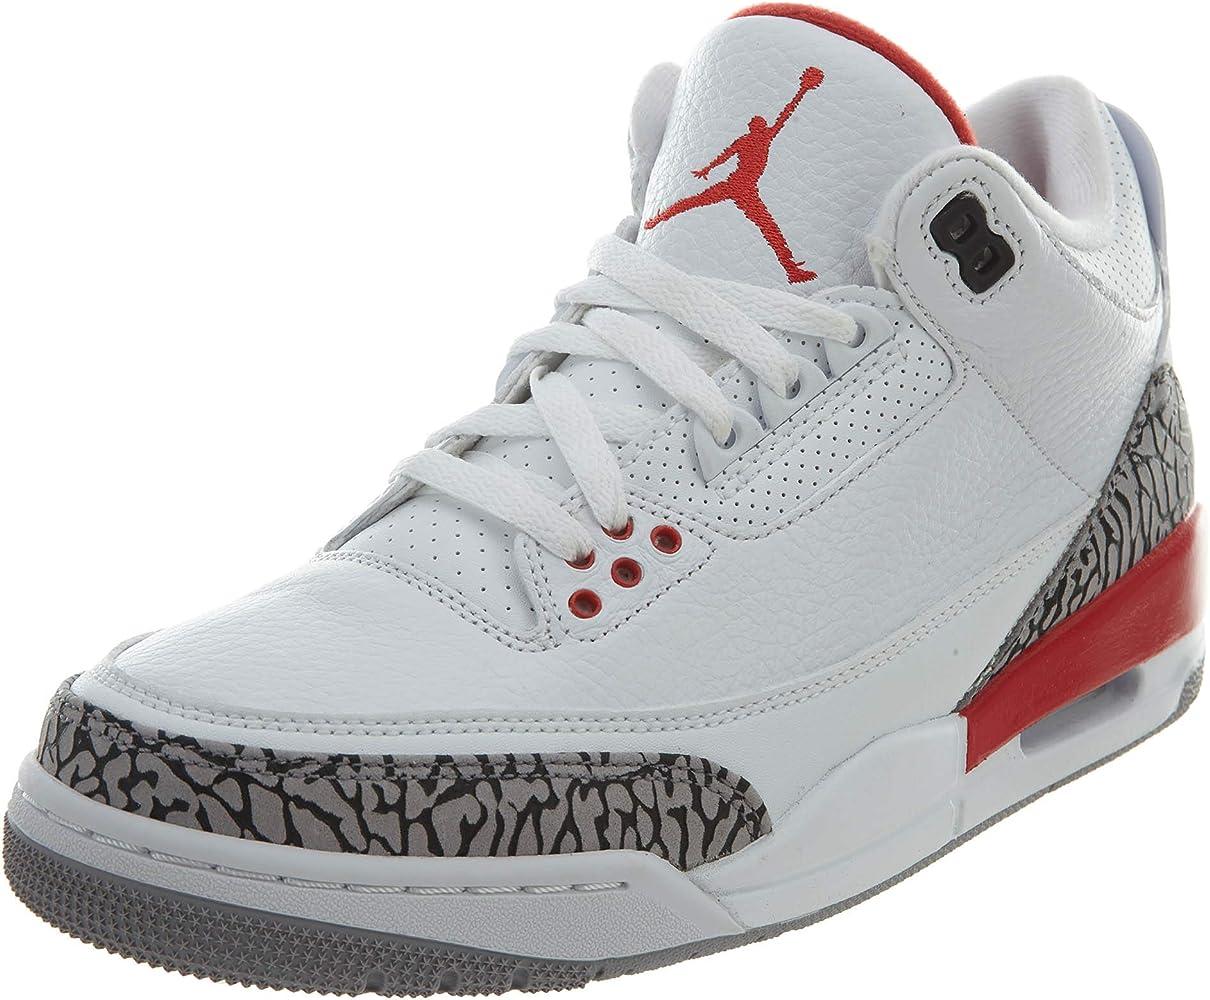 Air Jordan 3 Retro Katrina 136064 116